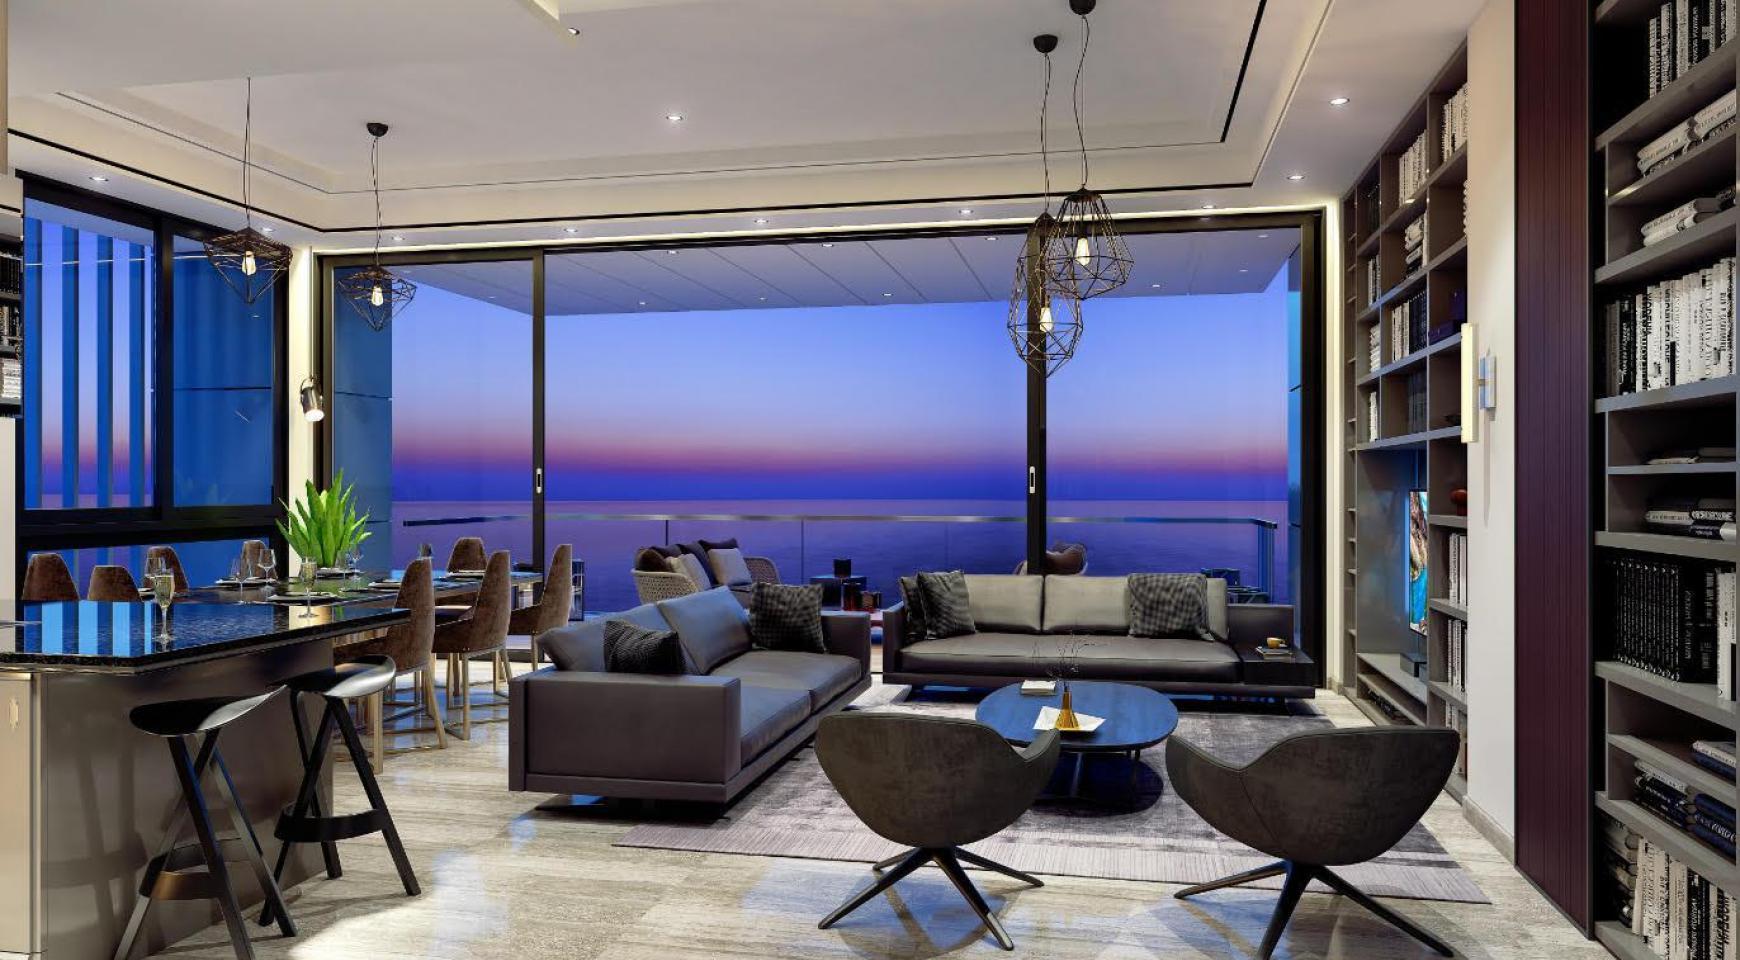 Современная 3-Спасльная Квартира с Видом на Море в Элитном Комплексе - 1